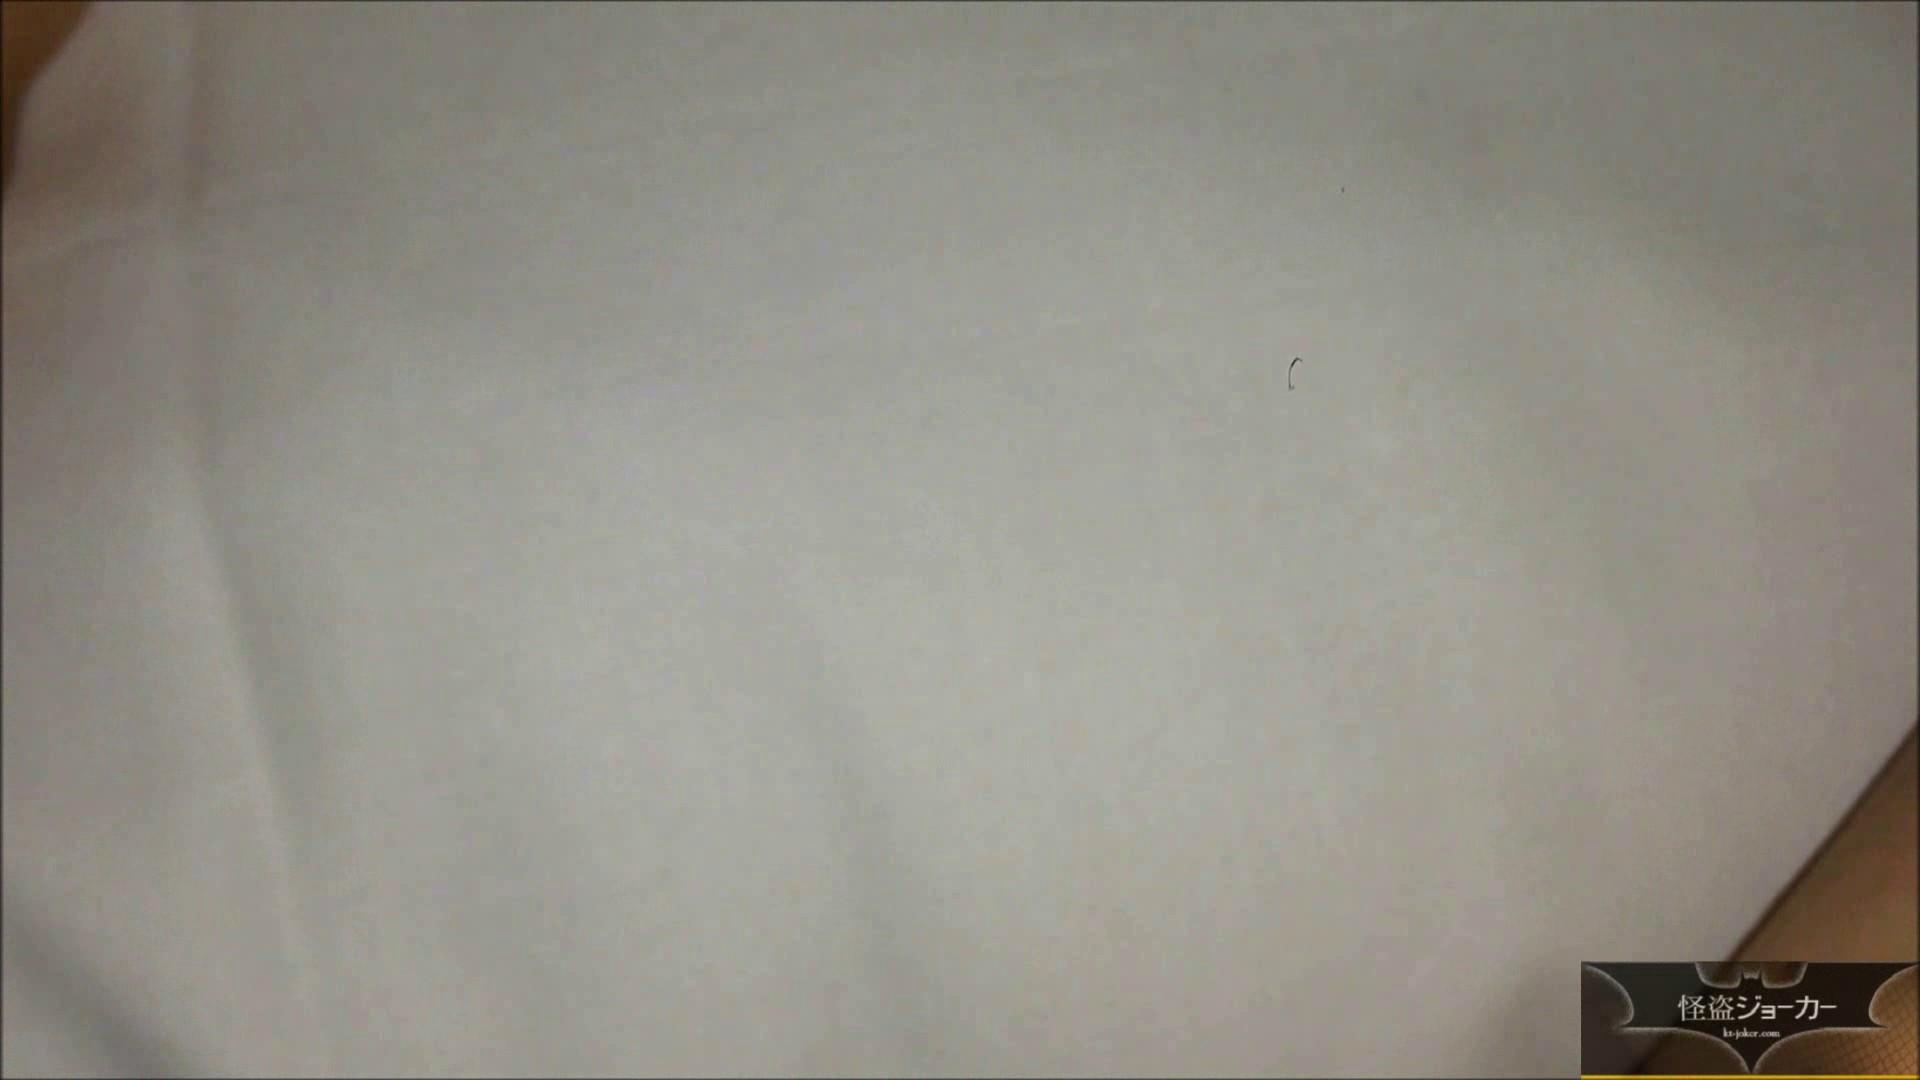 【未公開】vol.69 {AKB系・清純黒髪美少女}Haruruちゃん苺の夜 マンコ特集 | オマンコ丸見え  88連発 14